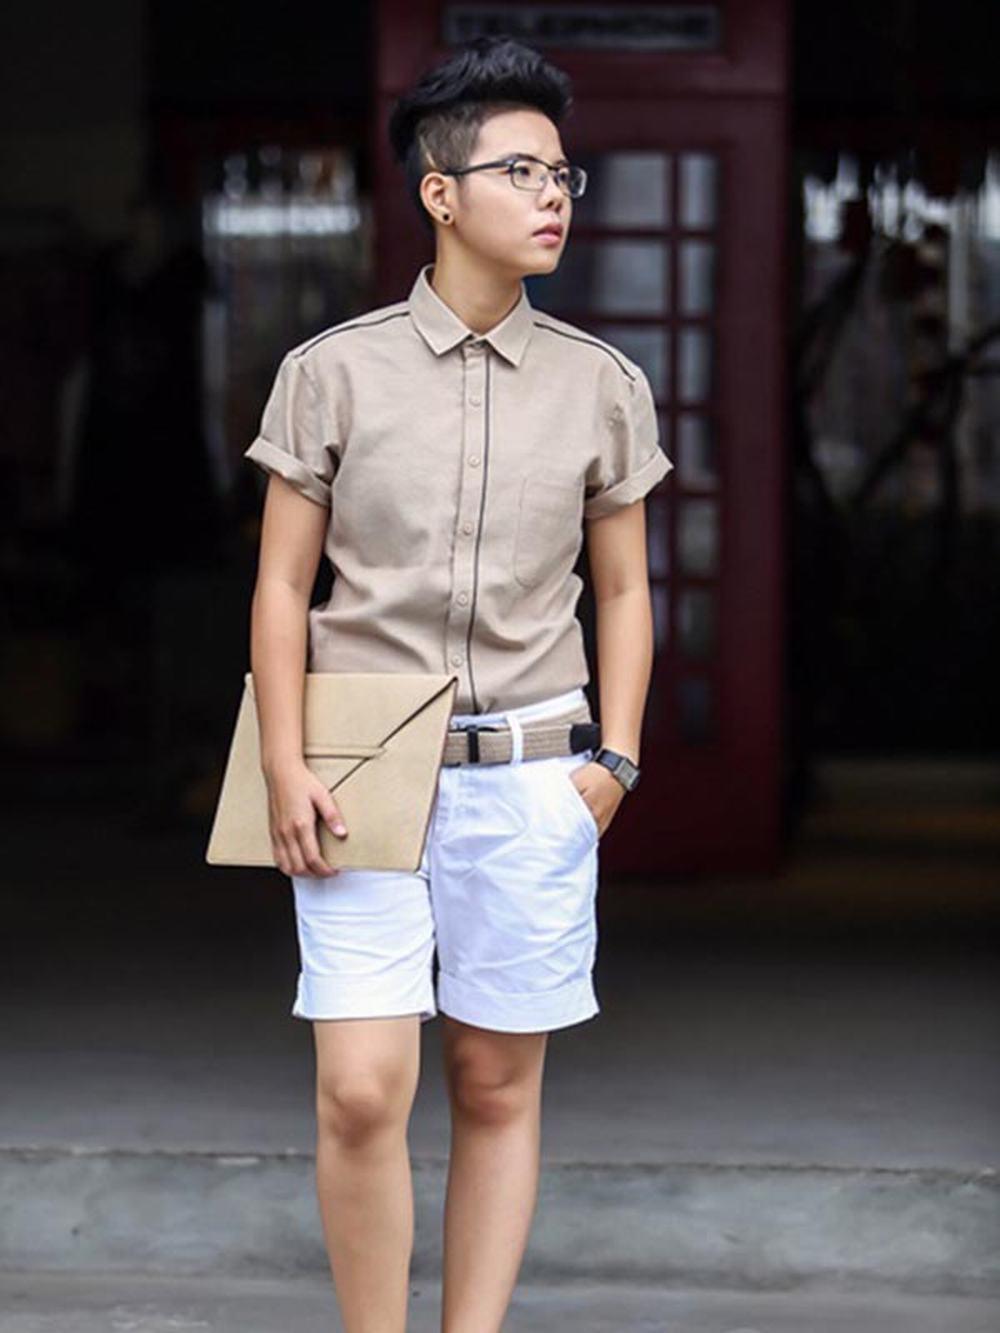 Khong the tin 'tomboy' Vu Cat Tuong cung co luc dien vay hong cuc nu tinh hinh anh 5